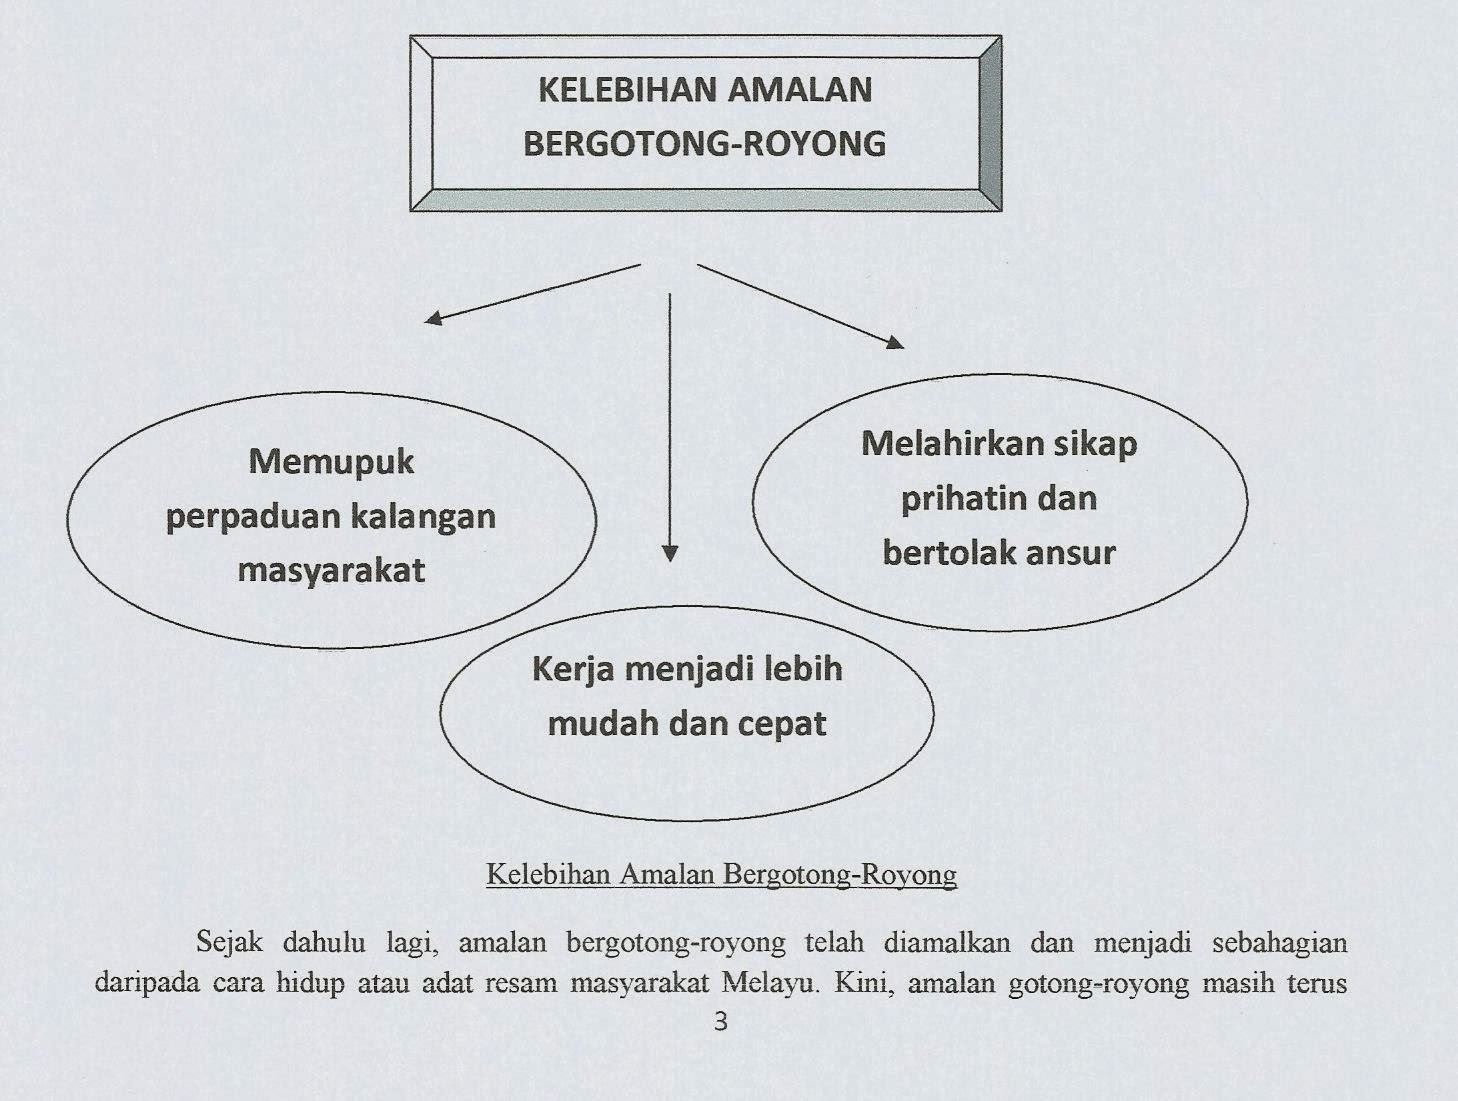 kebaikan gotong royong Gotong-royong di malaysia sejak dari dulu lagi, khususnya masyarakat  melayu, gotong-royong diamalkan sebagai sebahagian daripada cara hidup.